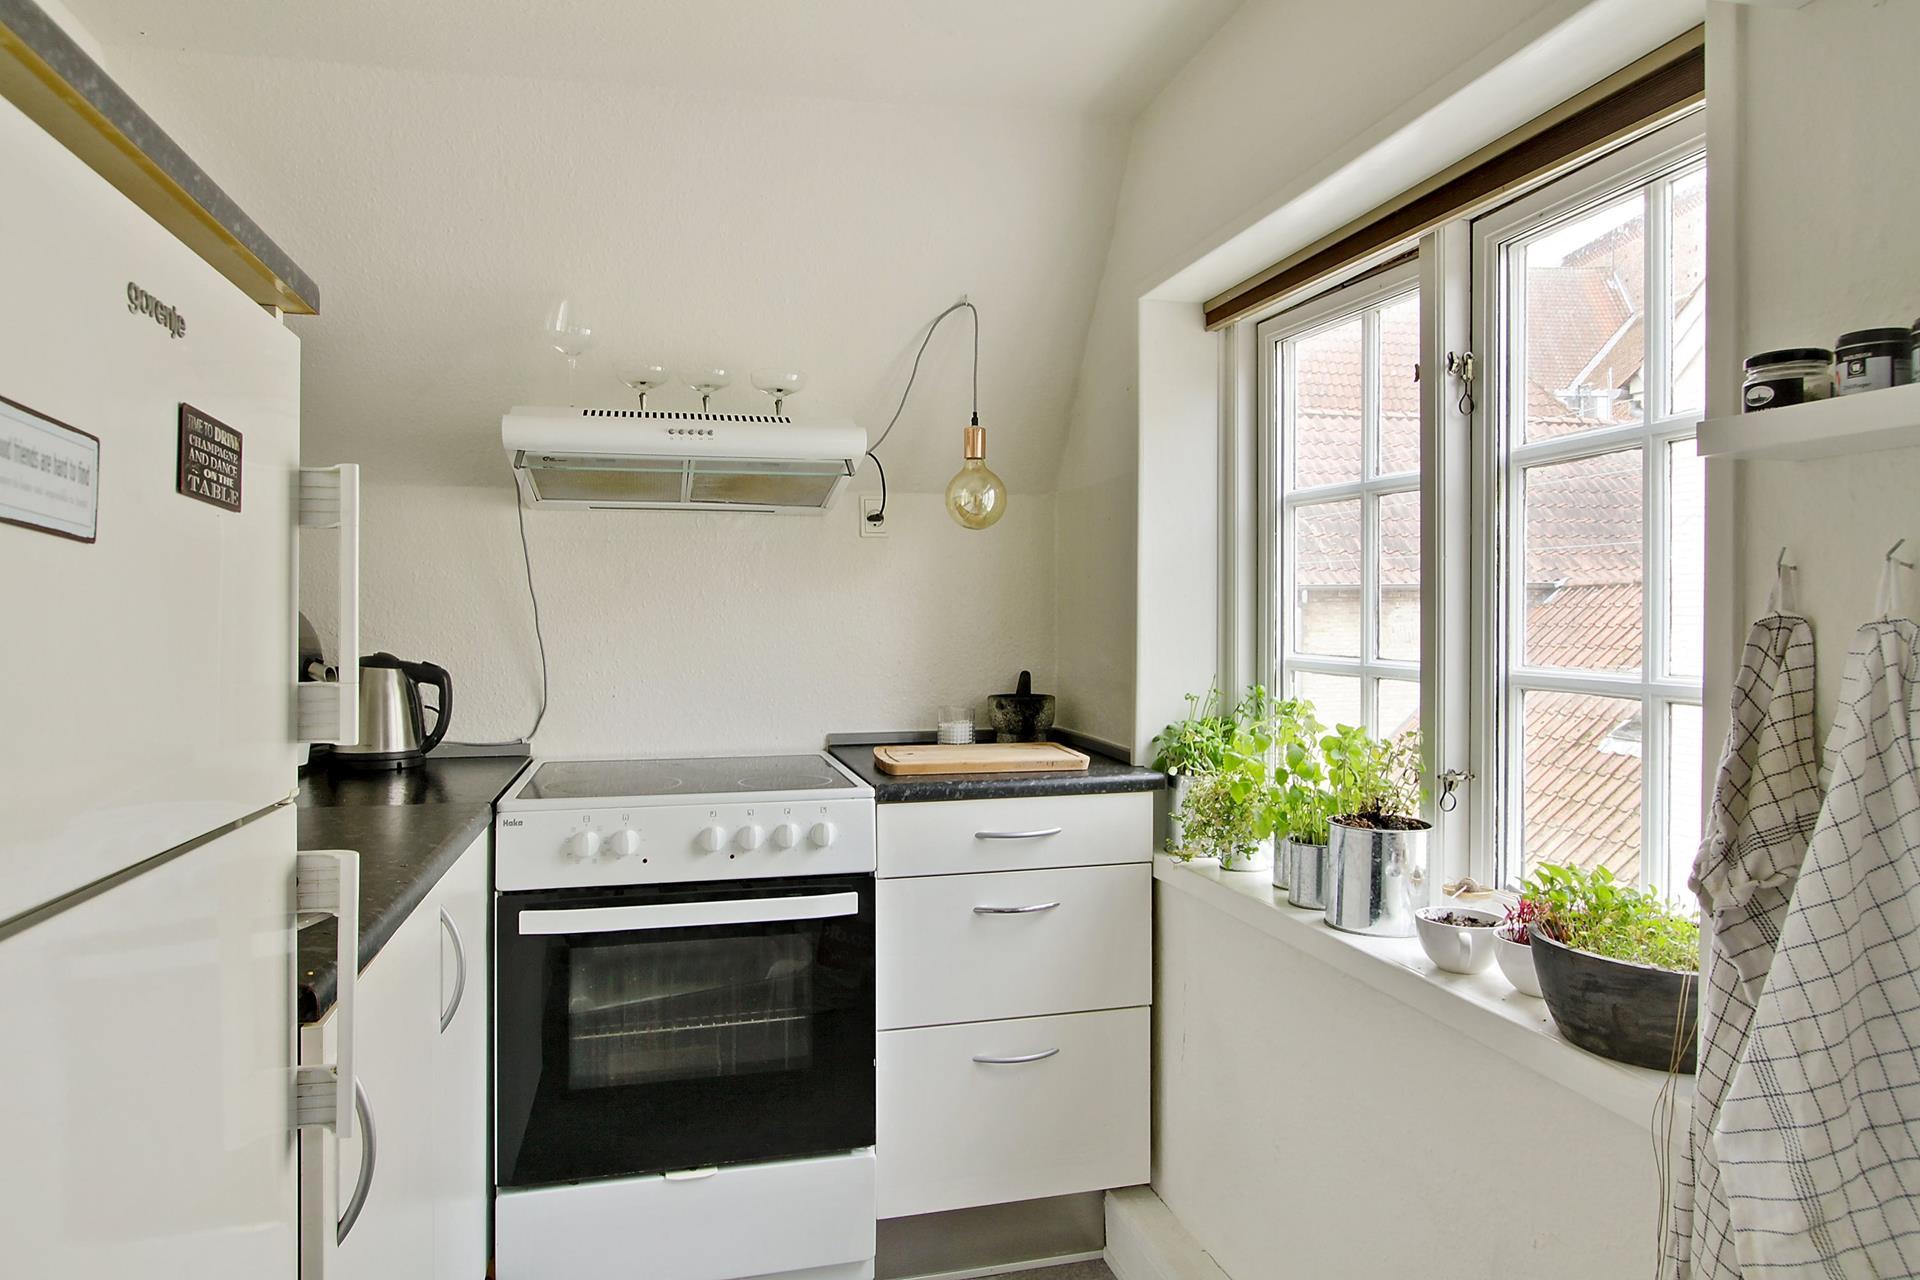 Bolig/erhverv på Bispegade i Haderslev - Køkken